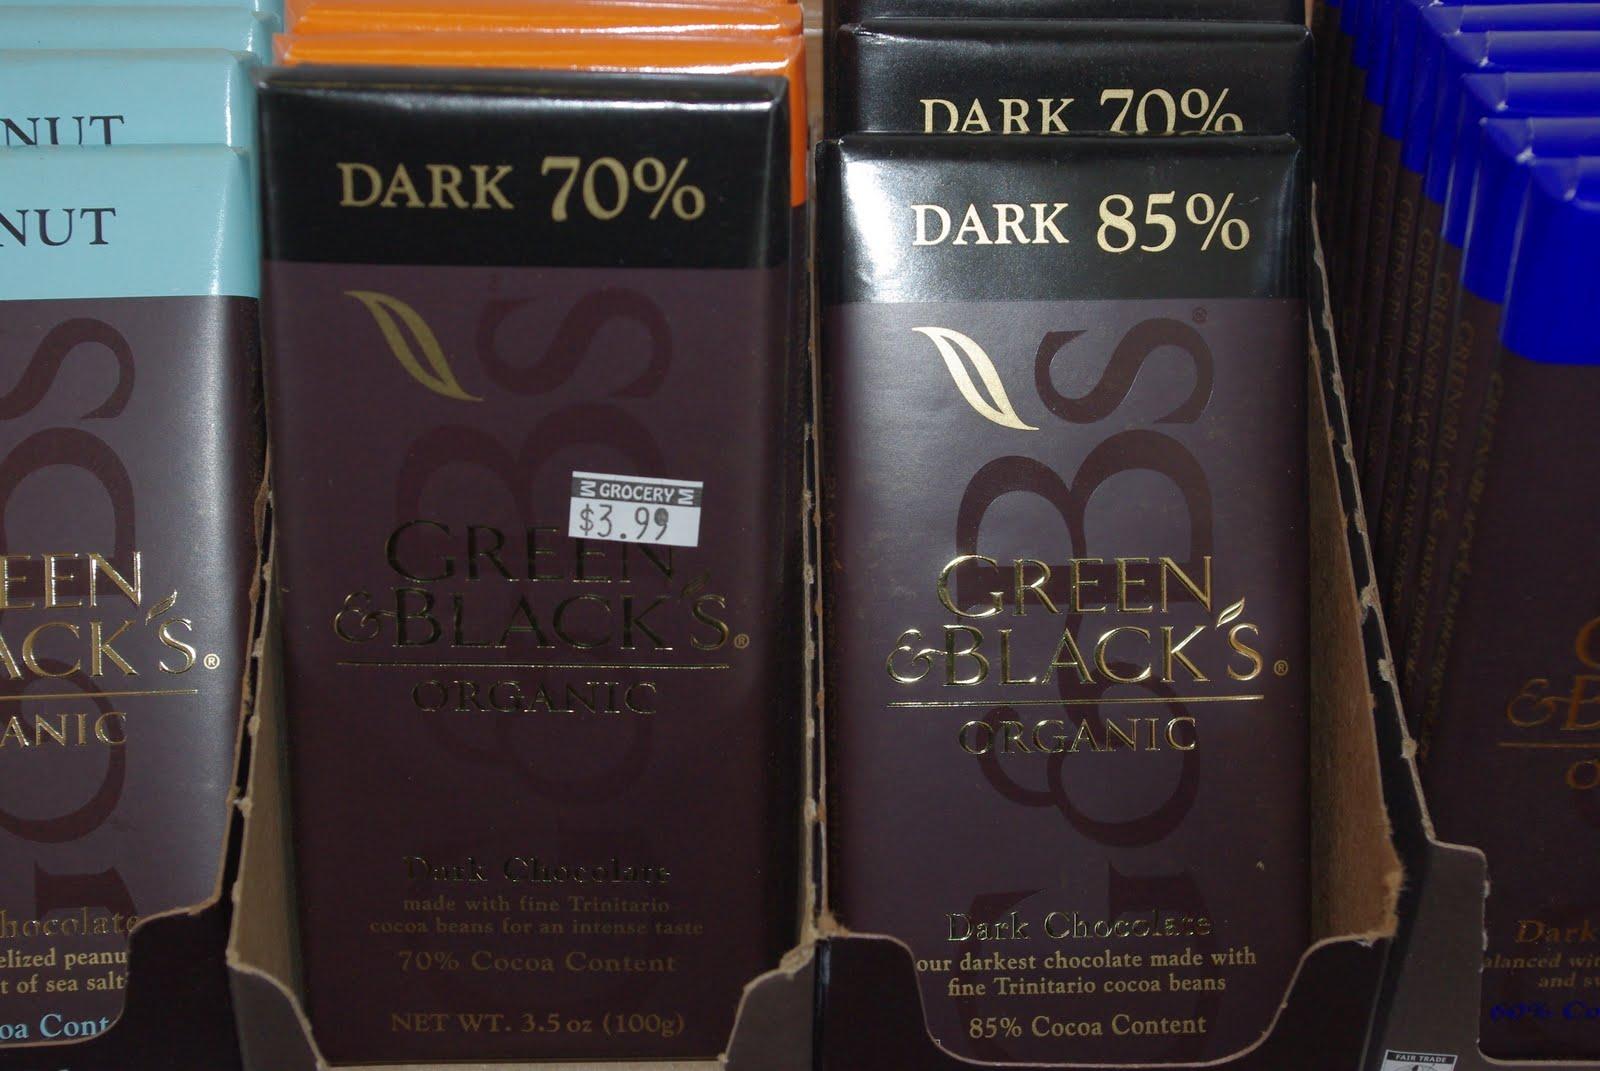 Chezsven Blog: Wellfleet Today: Dark Chocolate, Anyone?